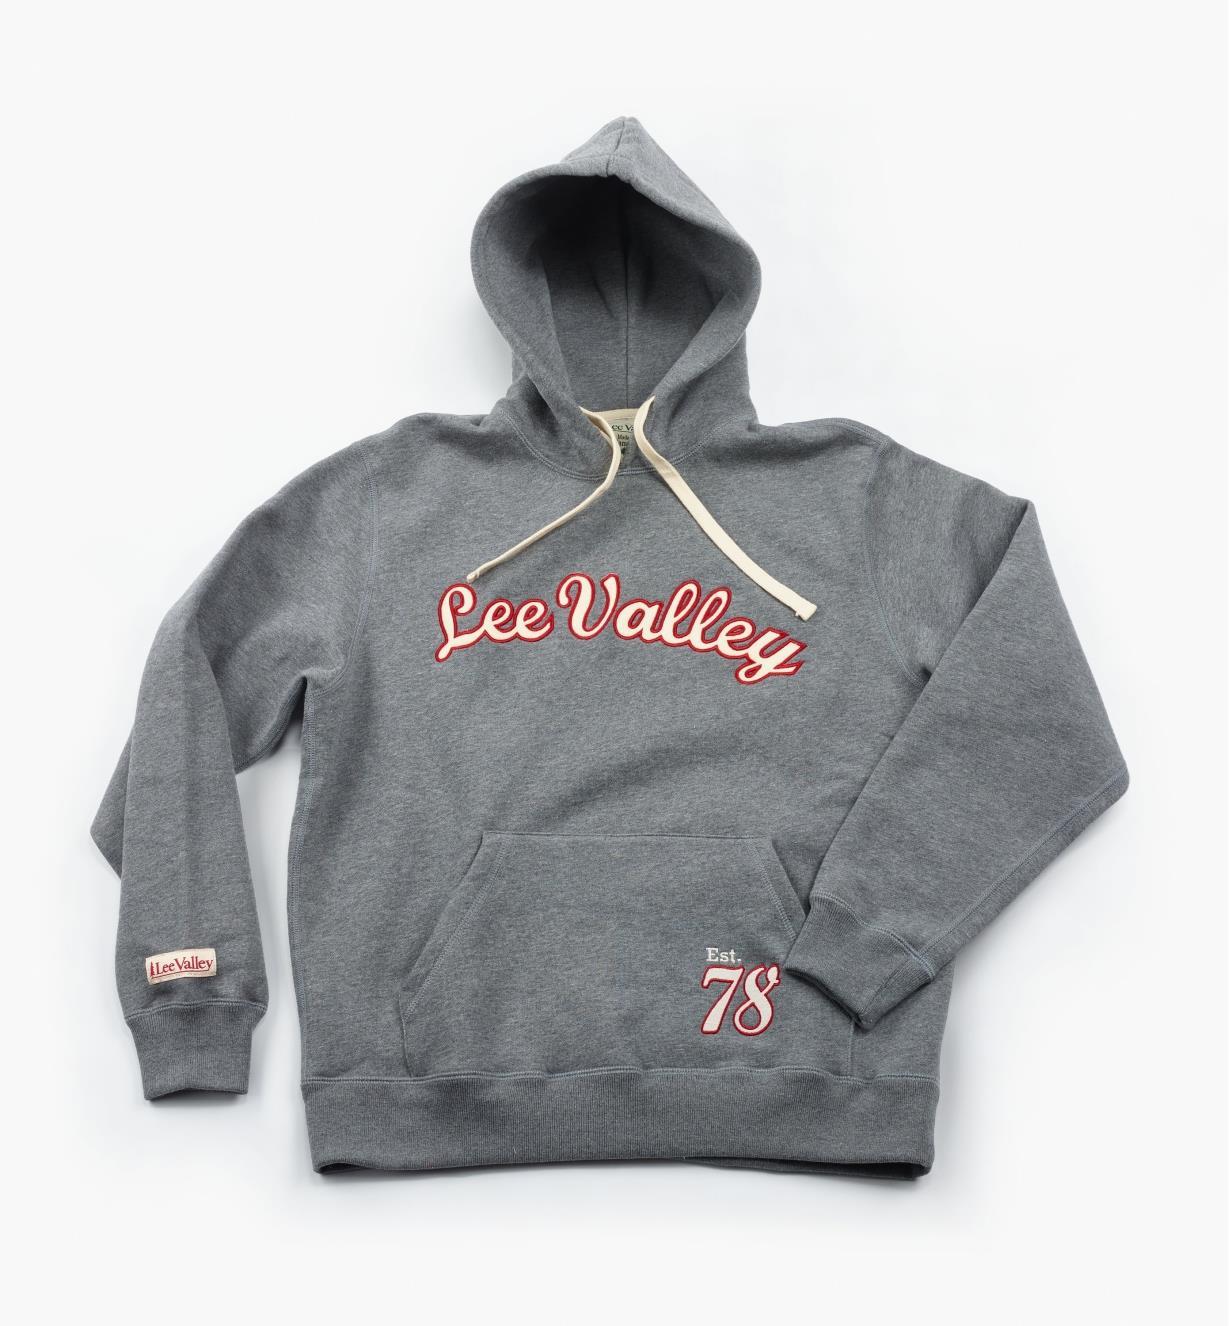 """67K6754 - XLarge (46""""-48"""") Gray Lee Valley Pullover Hooded Sweatshirt"""